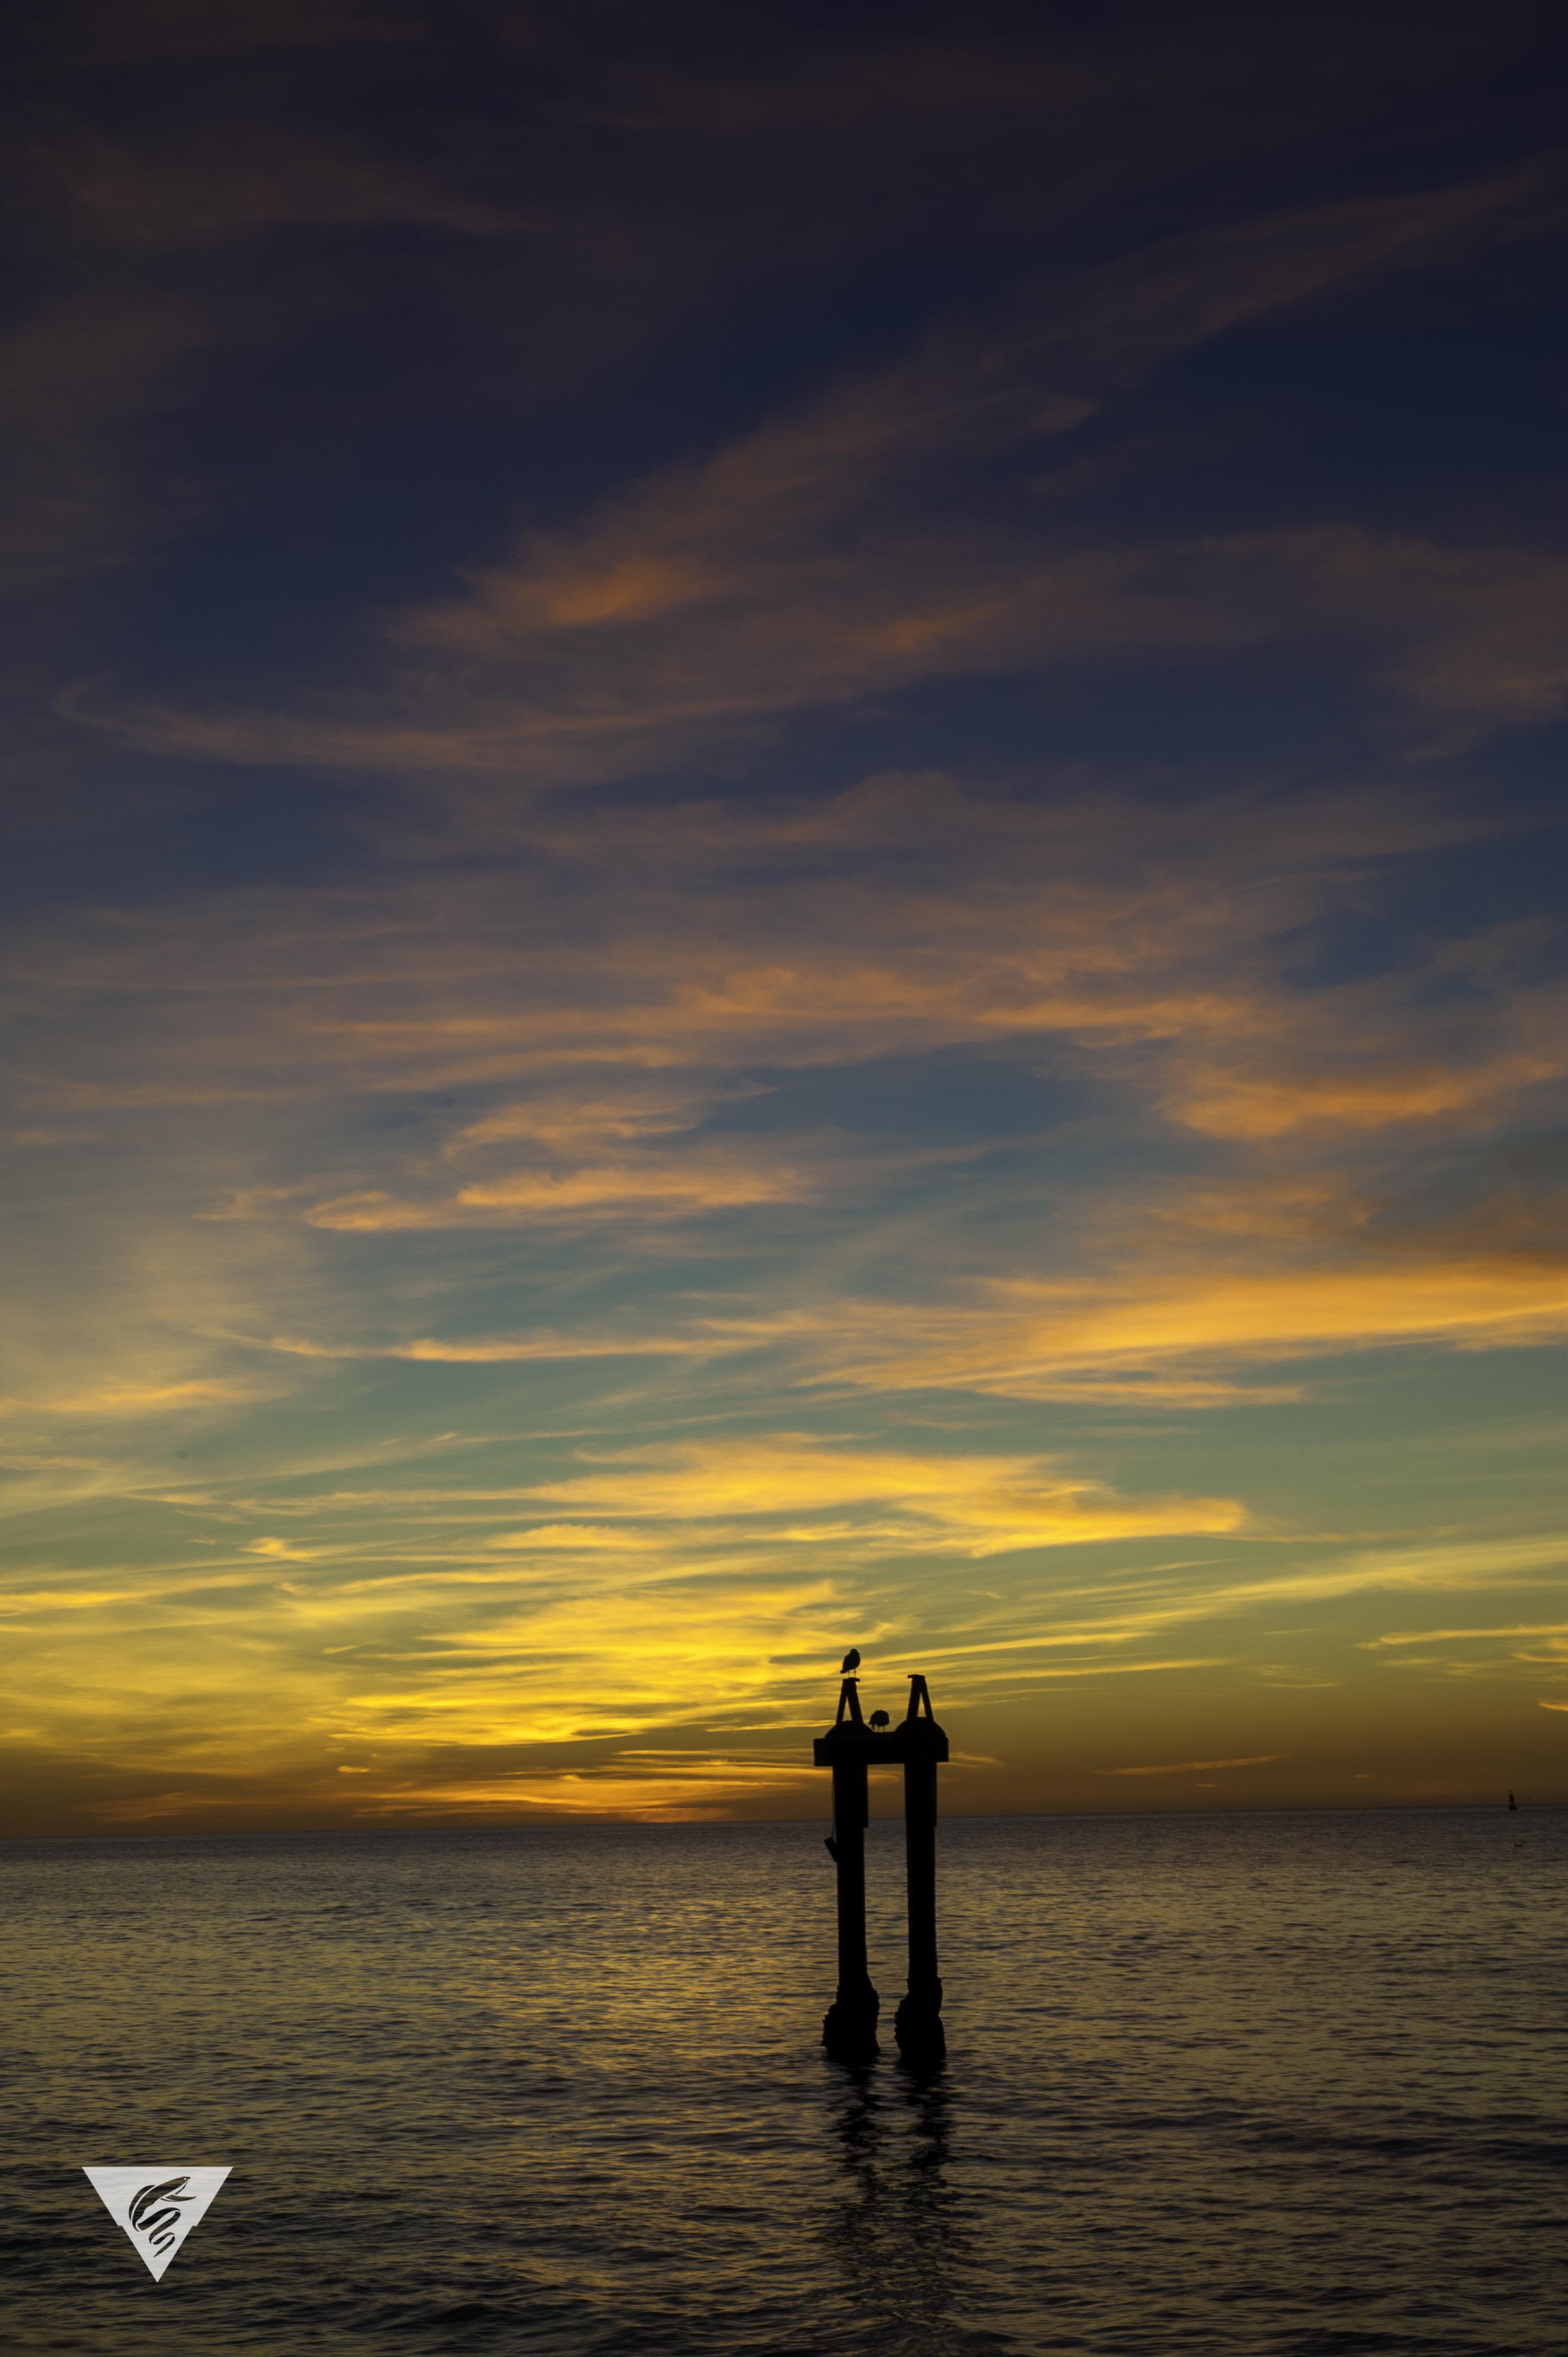 MBARI sunset